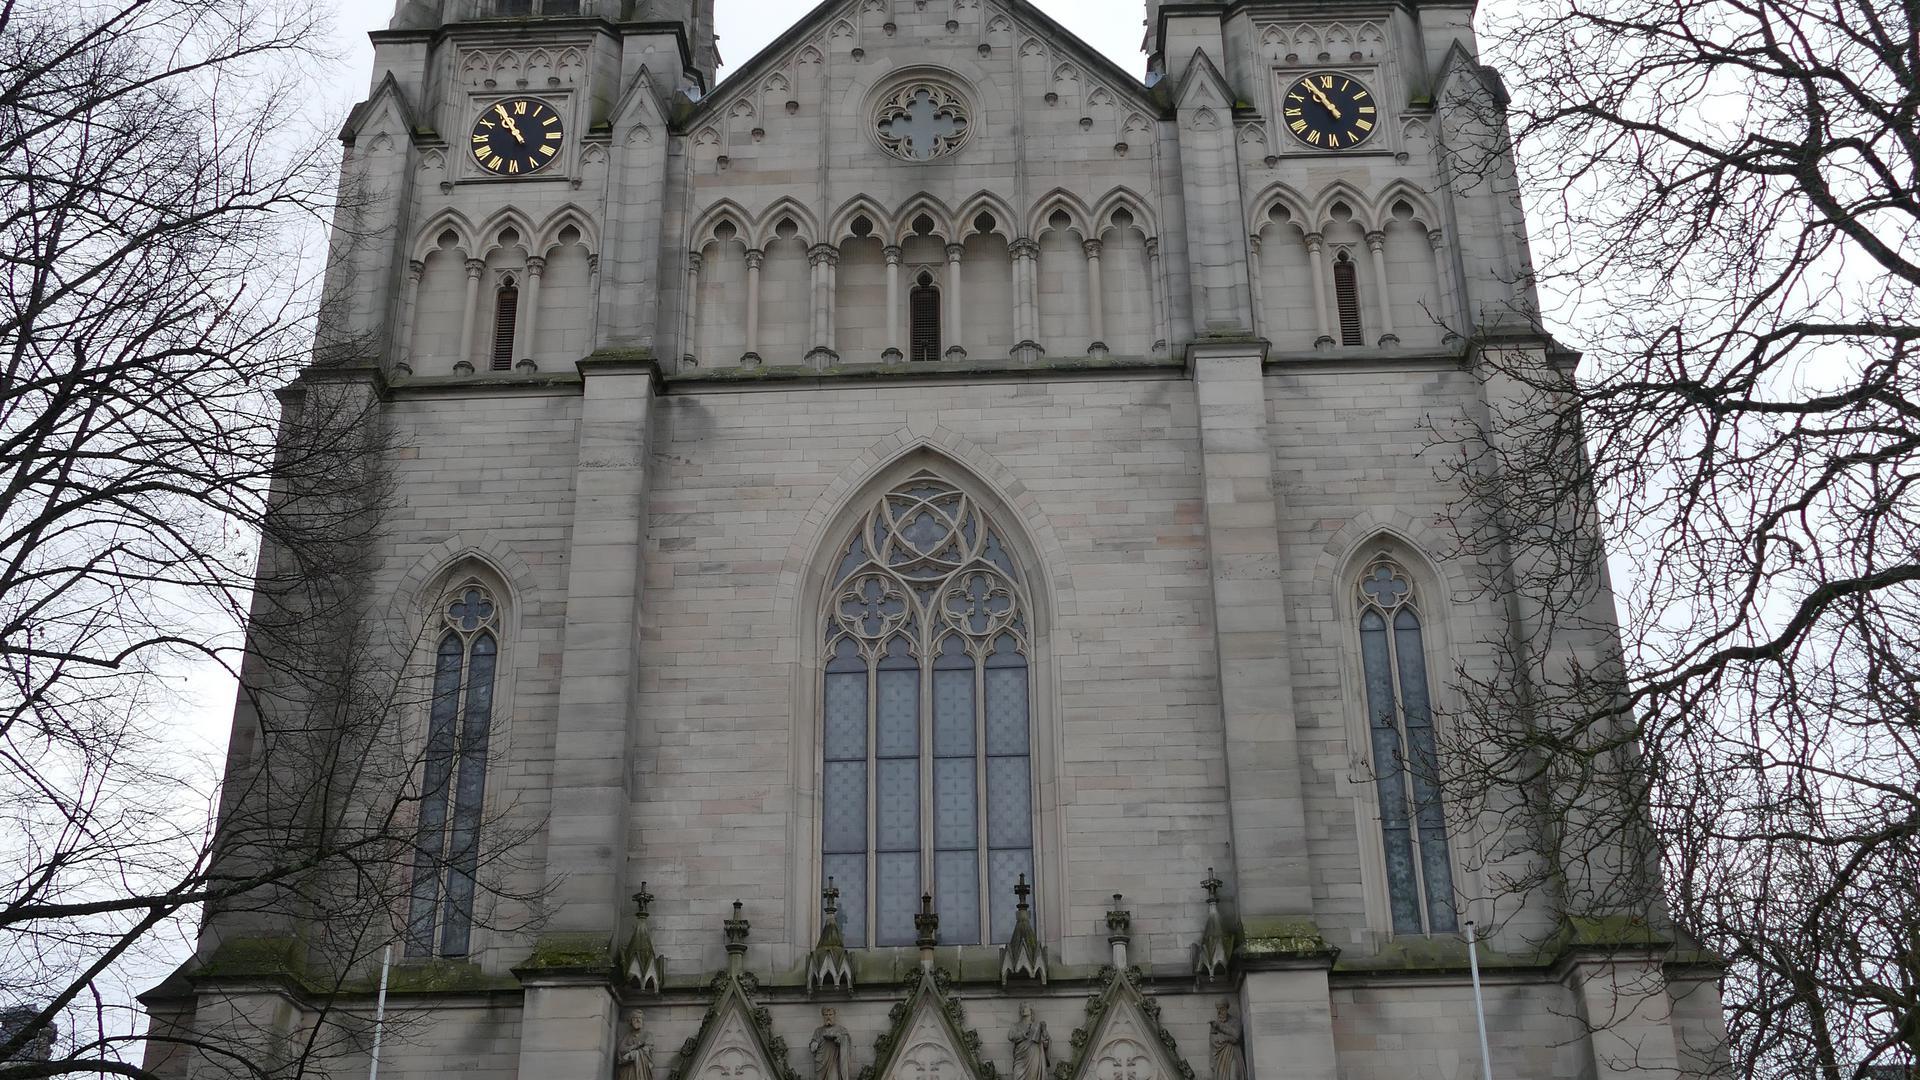 Weihnachtsgottesdienste finden in der Evangelischen Stadtkirche Baden-Baden auch in diesem Jahr statt, nur anders als sonst.